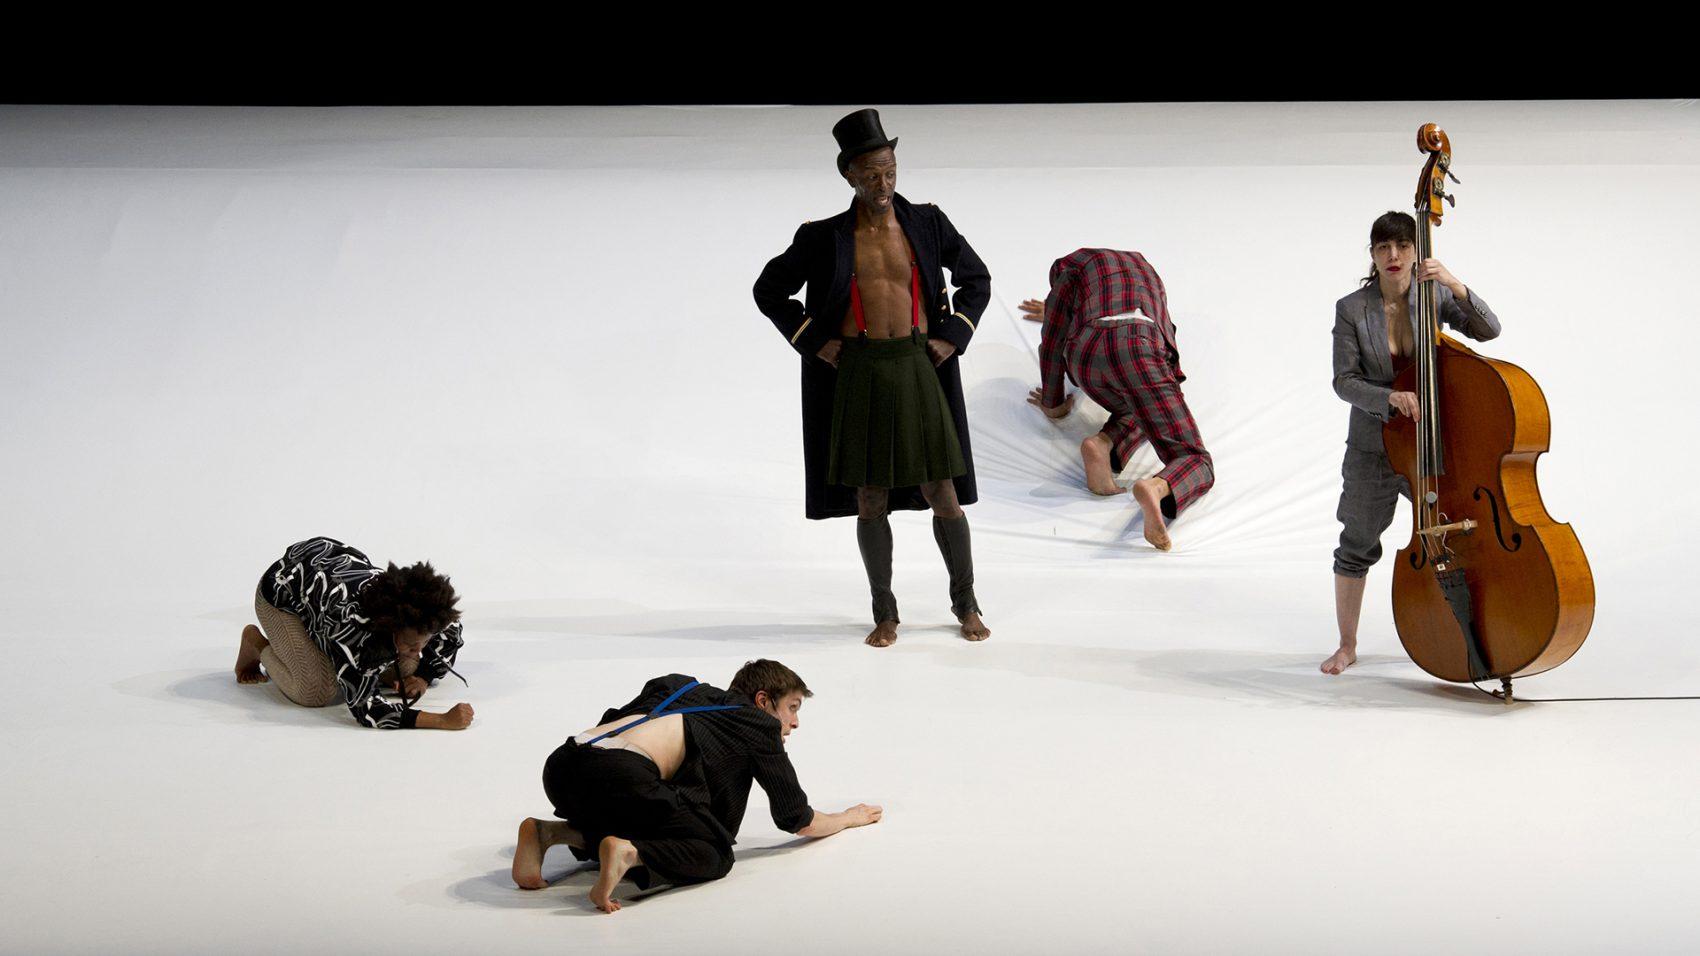 Nadia Lauro – La Page Blanche - La Page Blanche 2012